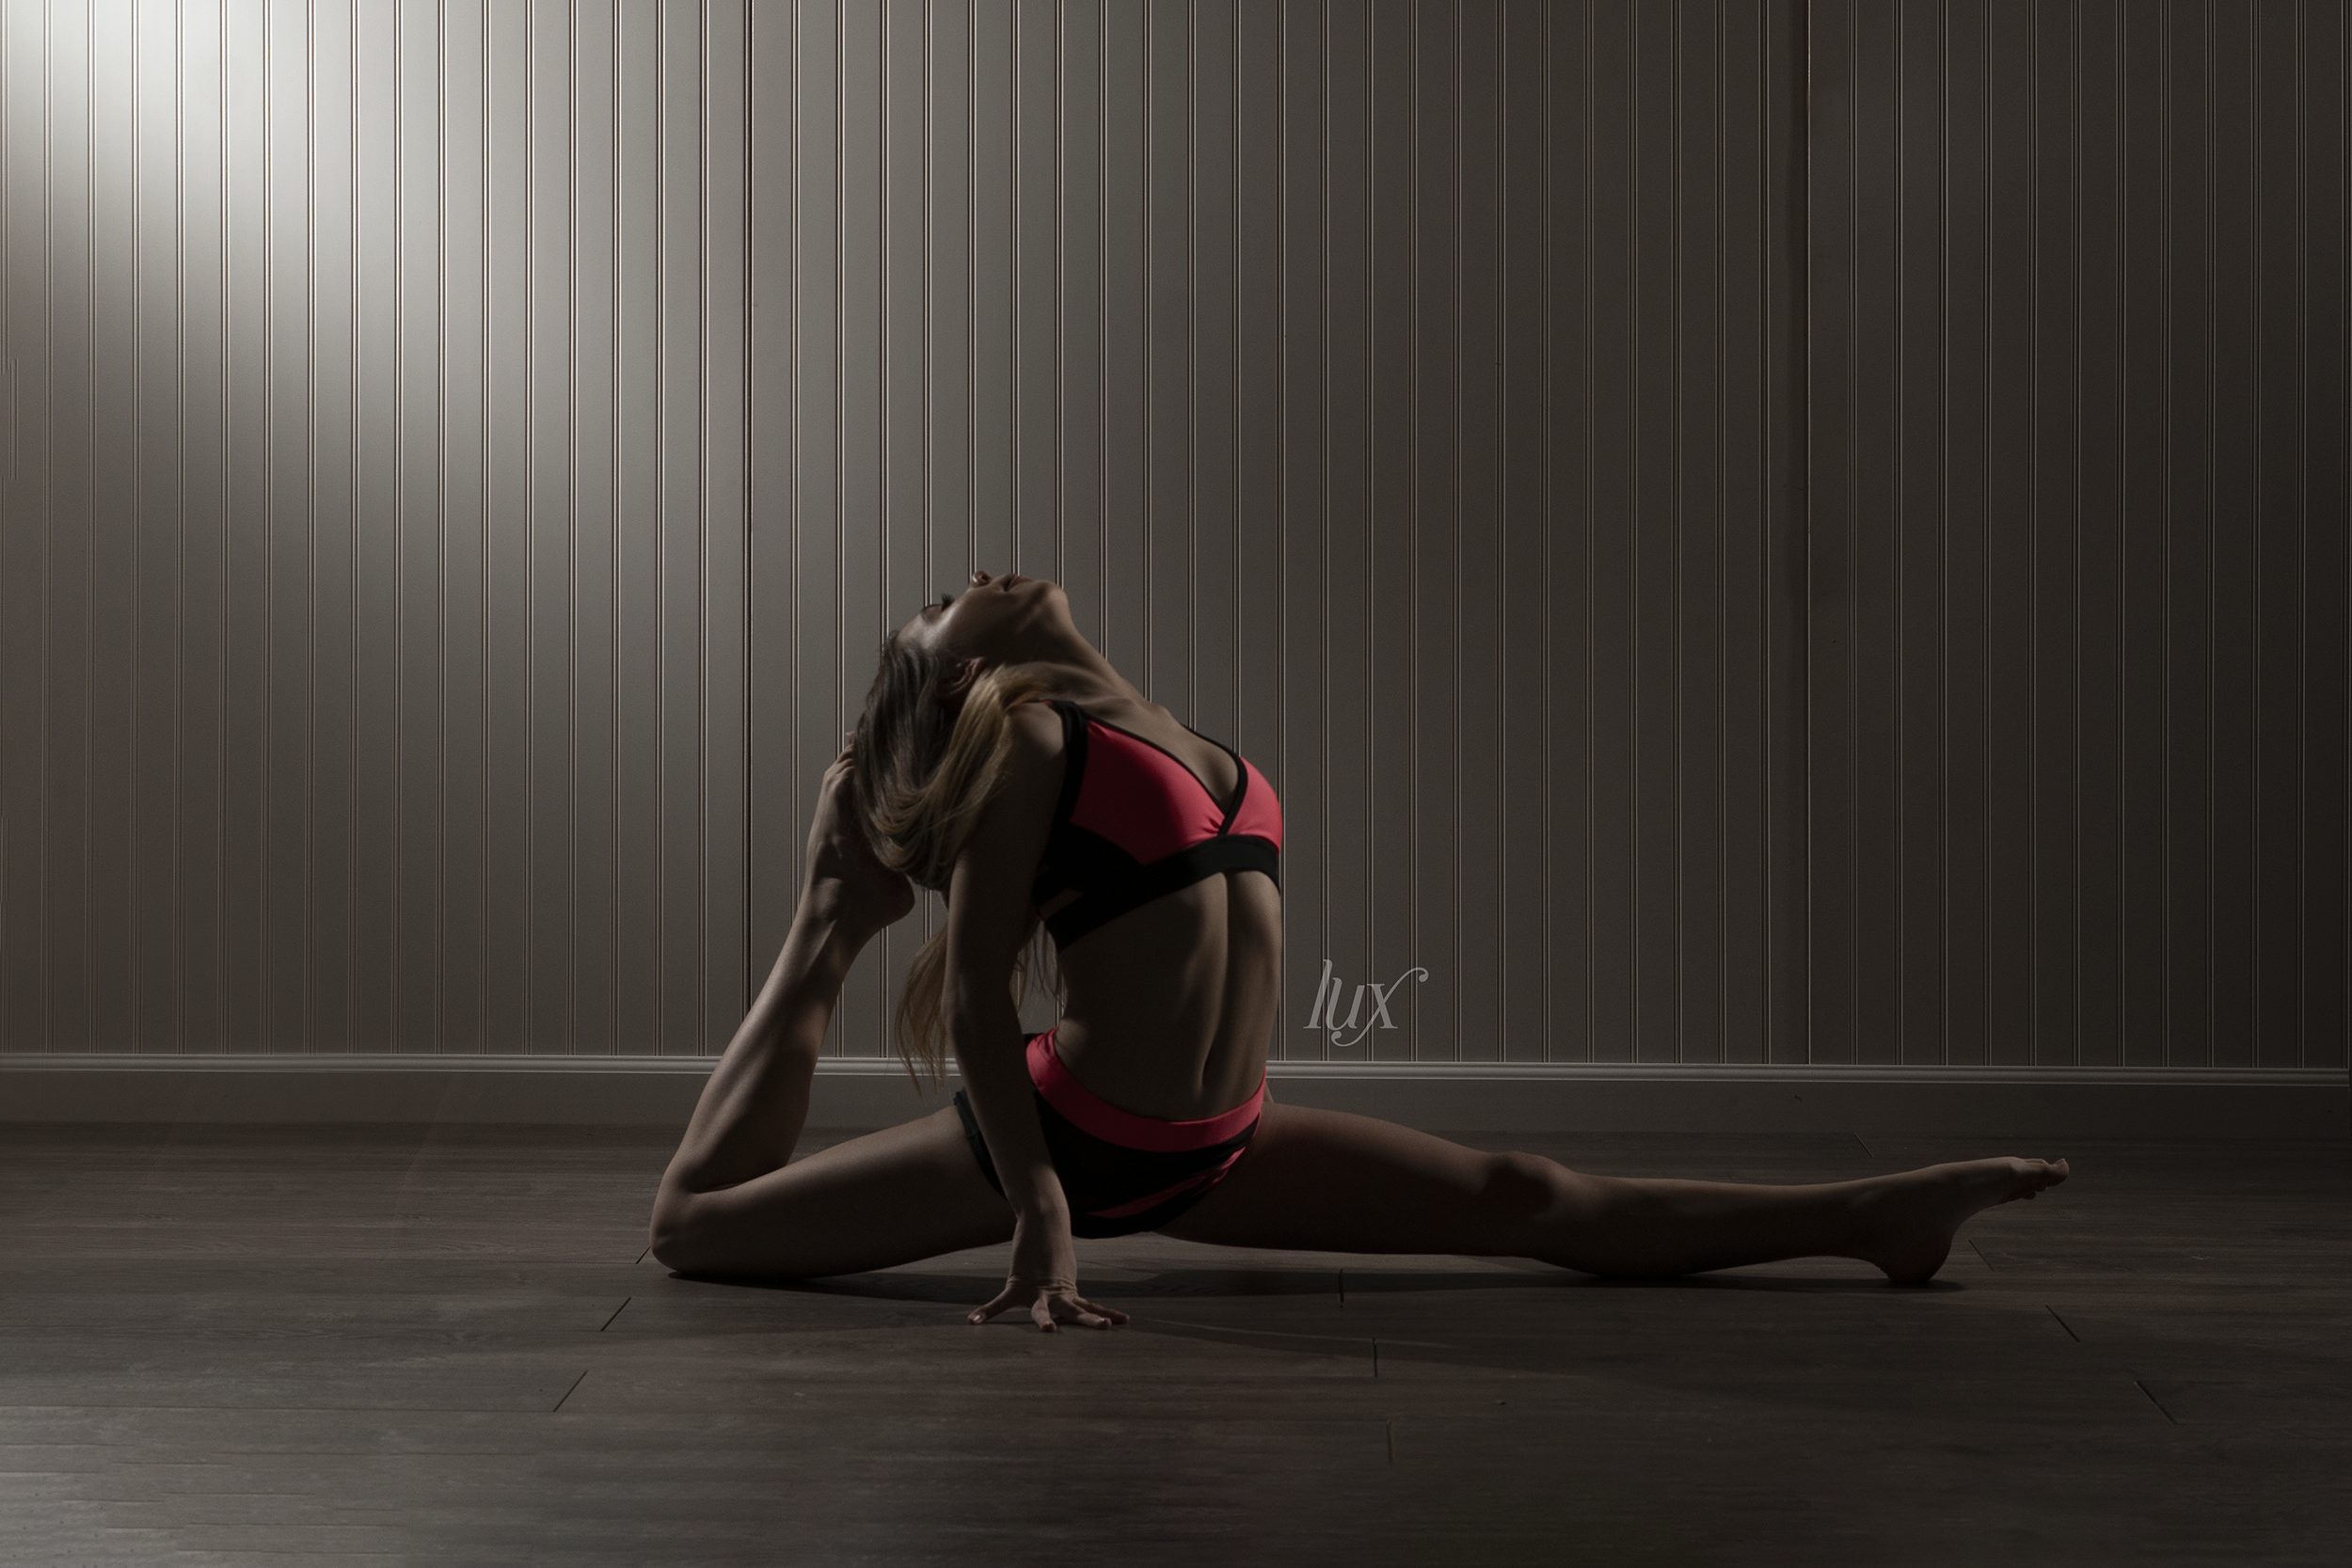 luxphotodancephotographer.jpg